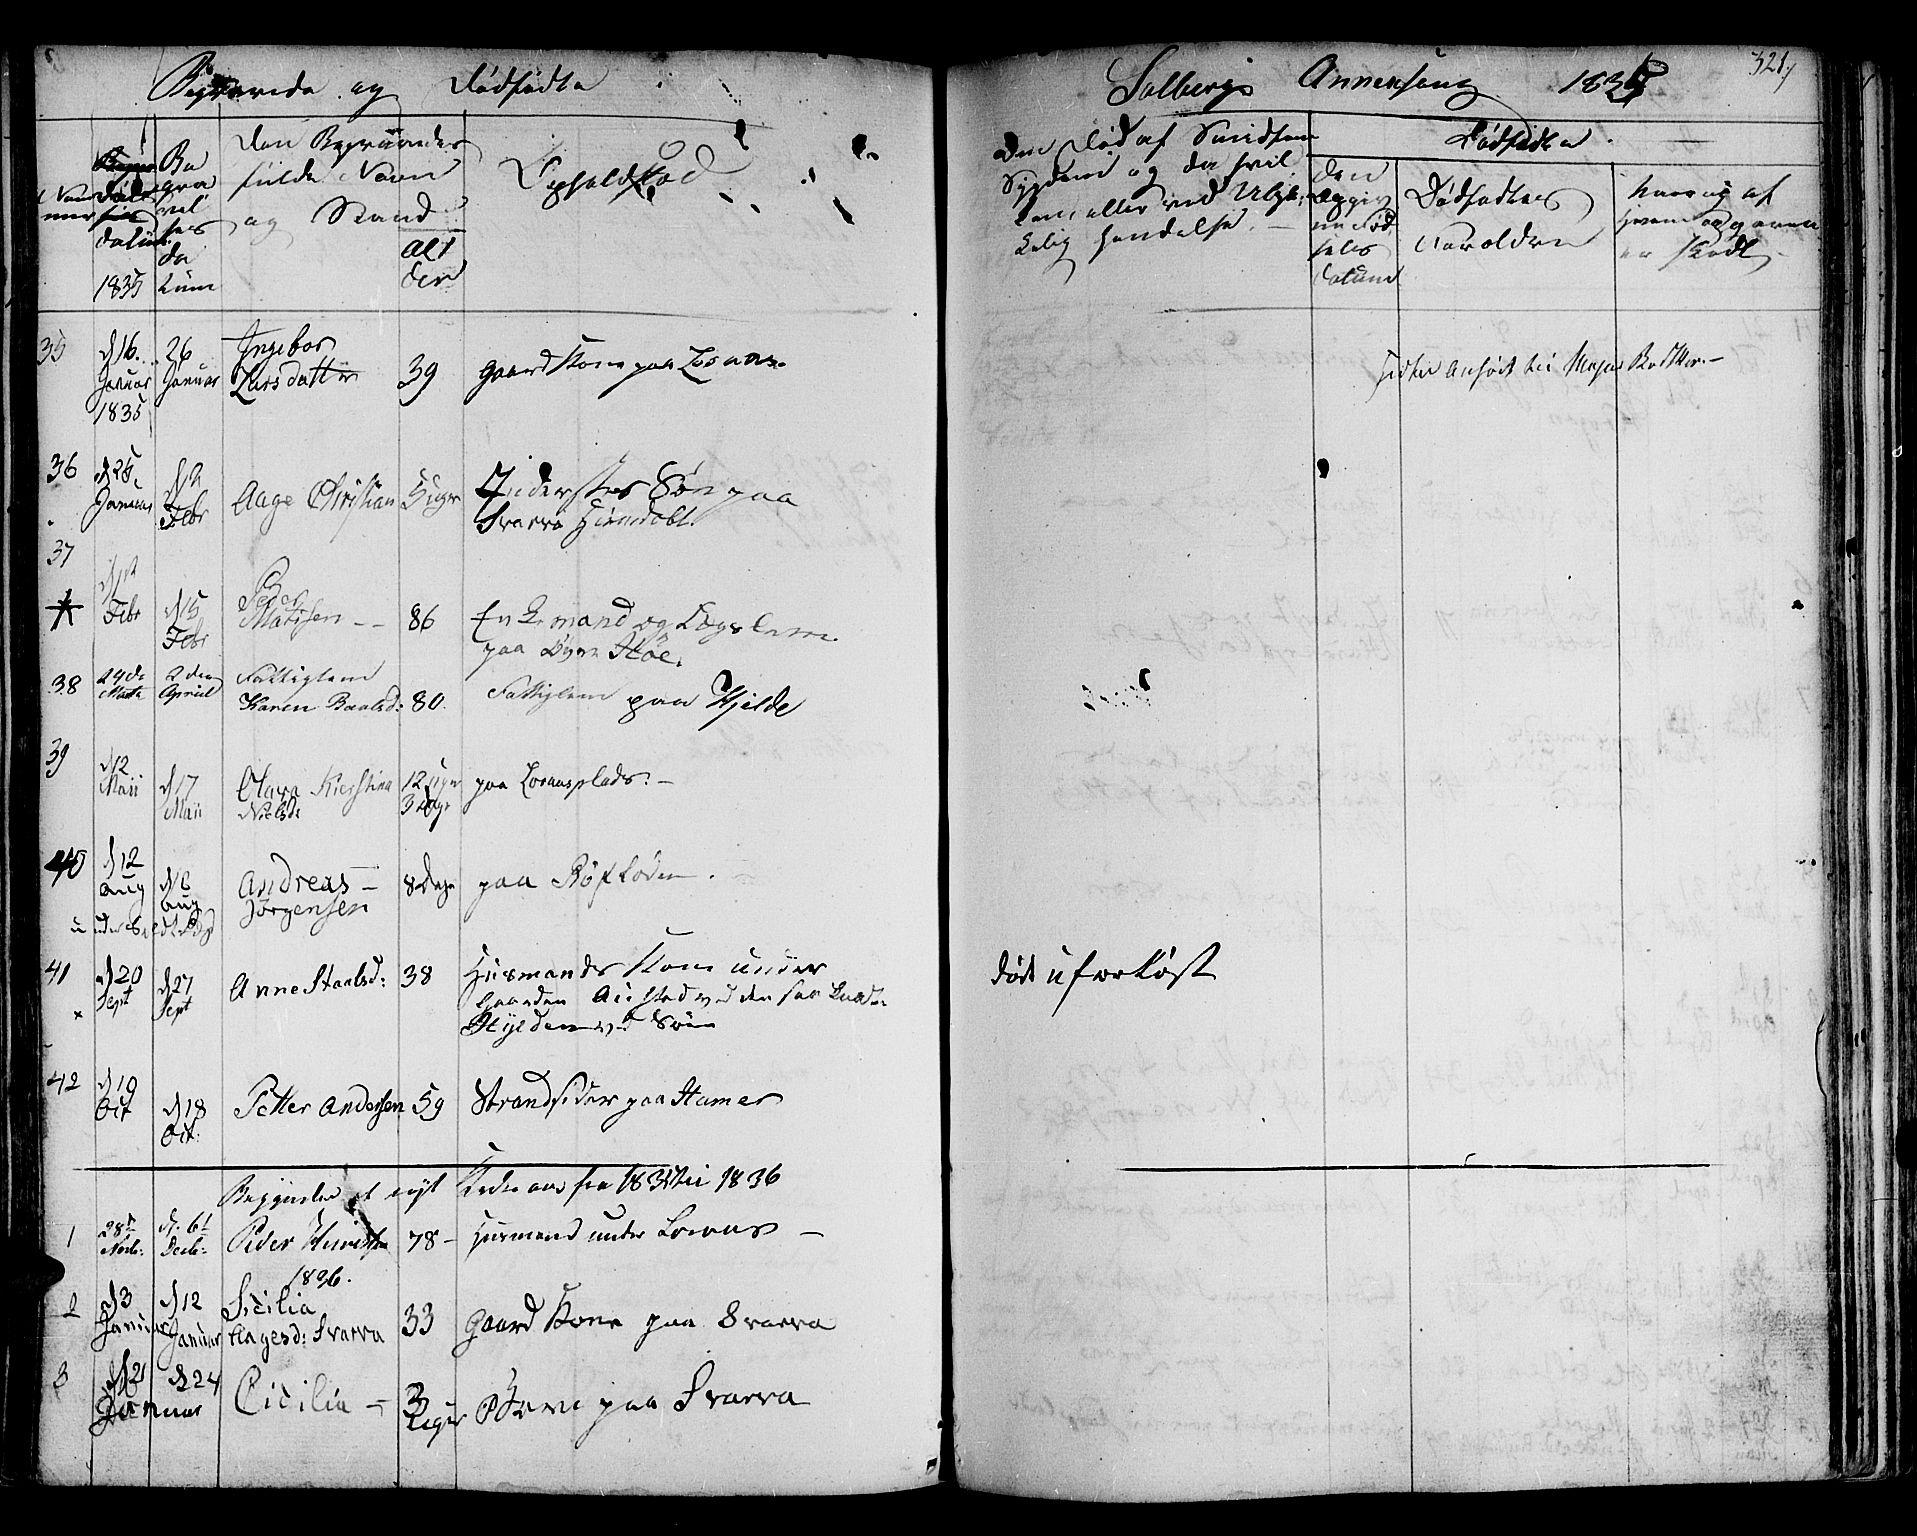 SAT, Ministerialprotokoller, klokkerbøker og fødselsregistre - Nord-Trøndelag, 730/L0277: Ministerialbok nr. 730A06 /2, 1831-1839, s. 321